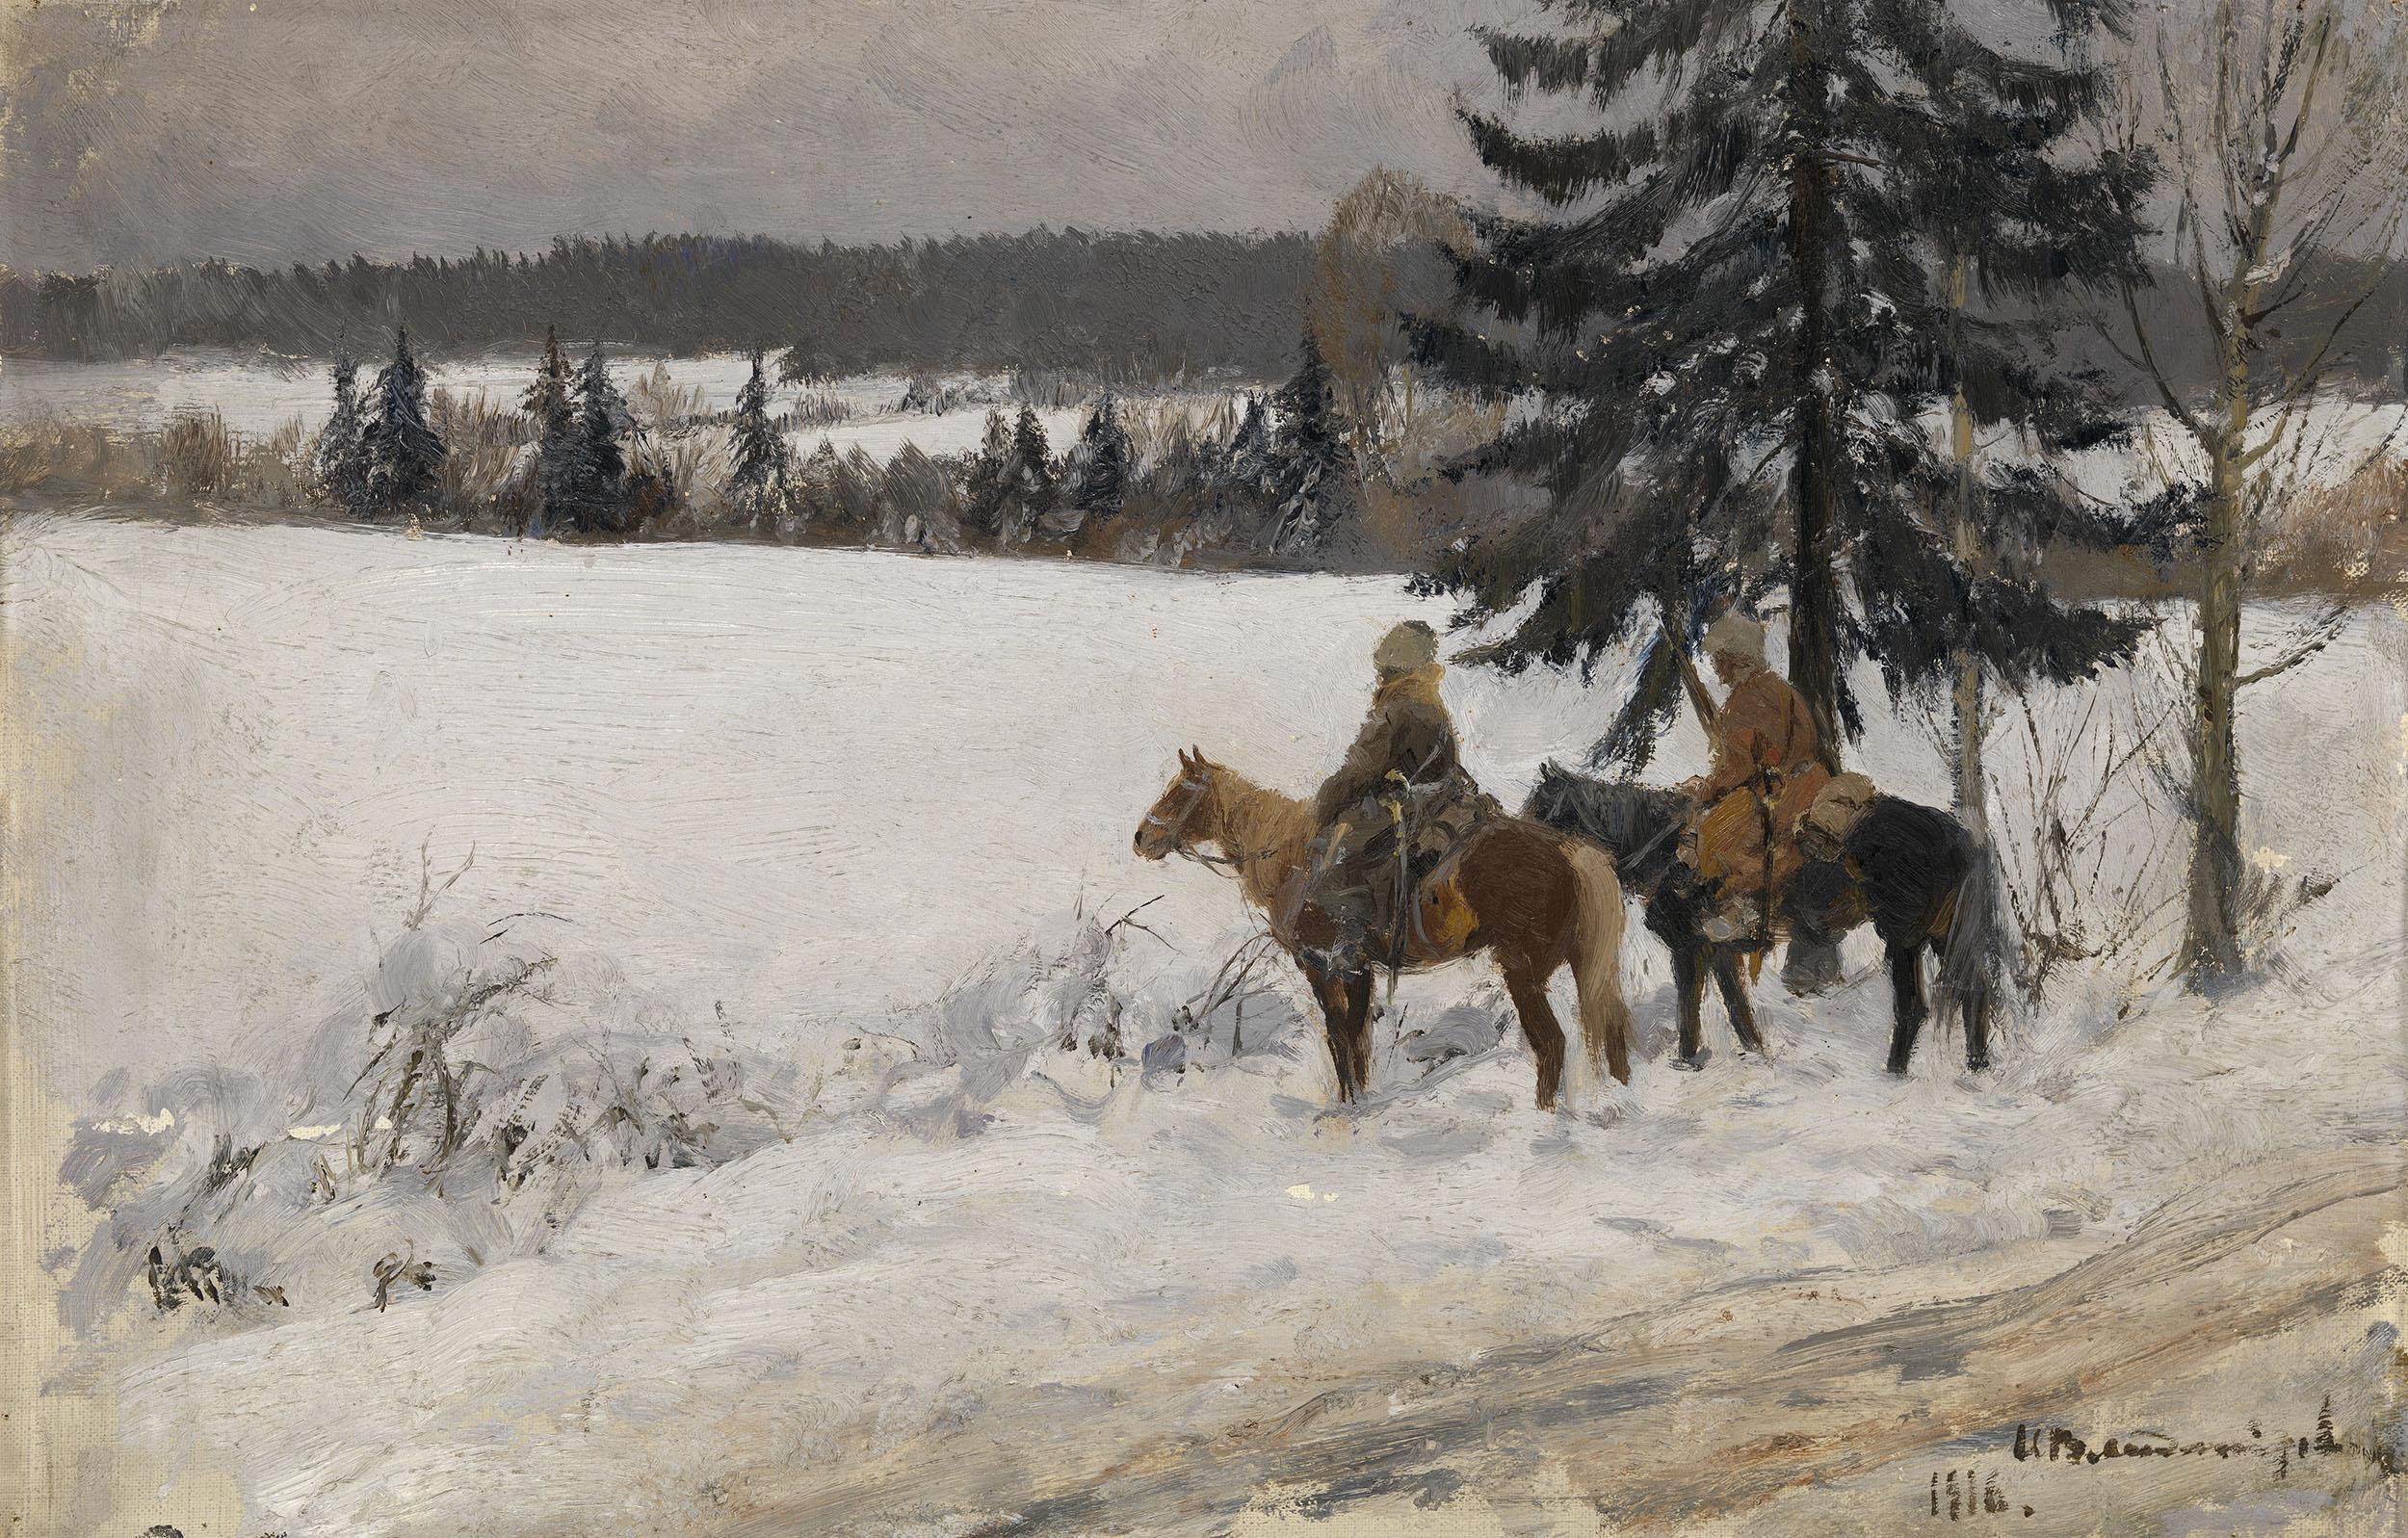 VLADIMIROV, IVAN Winter Scene with Two Cossack Horsemen